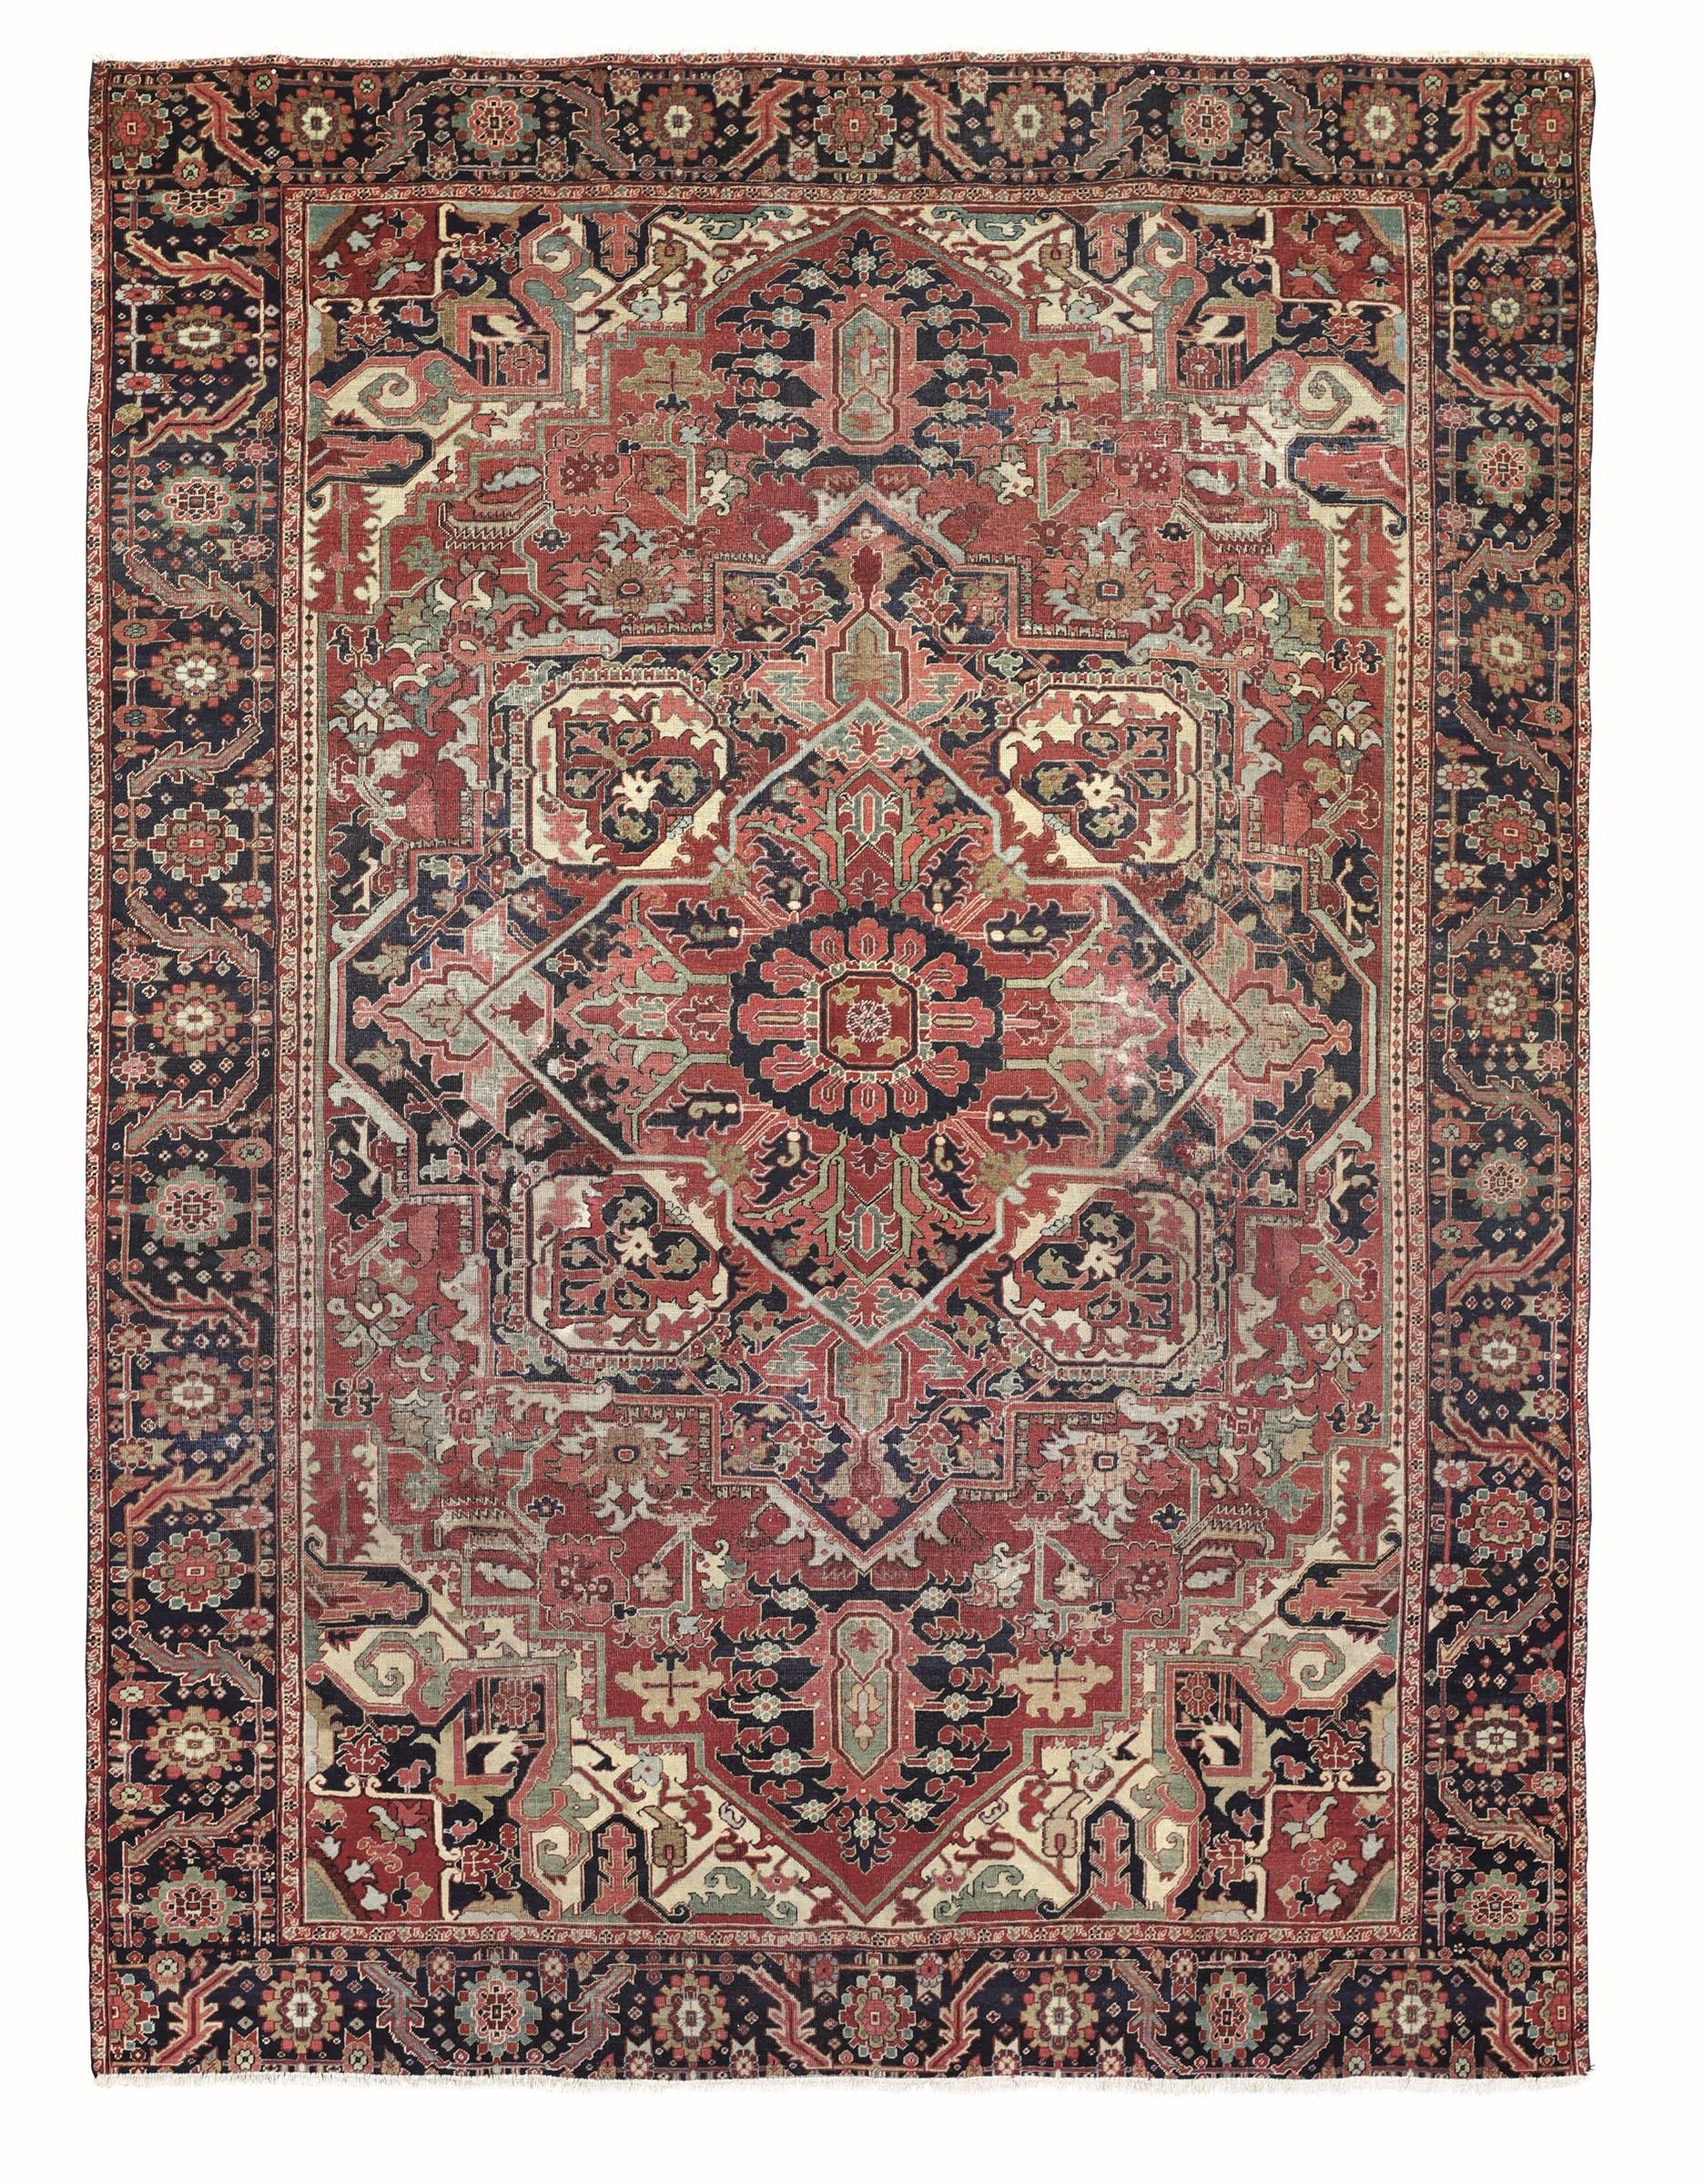 Tappeto Heritz, nord ovest Persia fine xIX secolo, - impianto classico con [...]